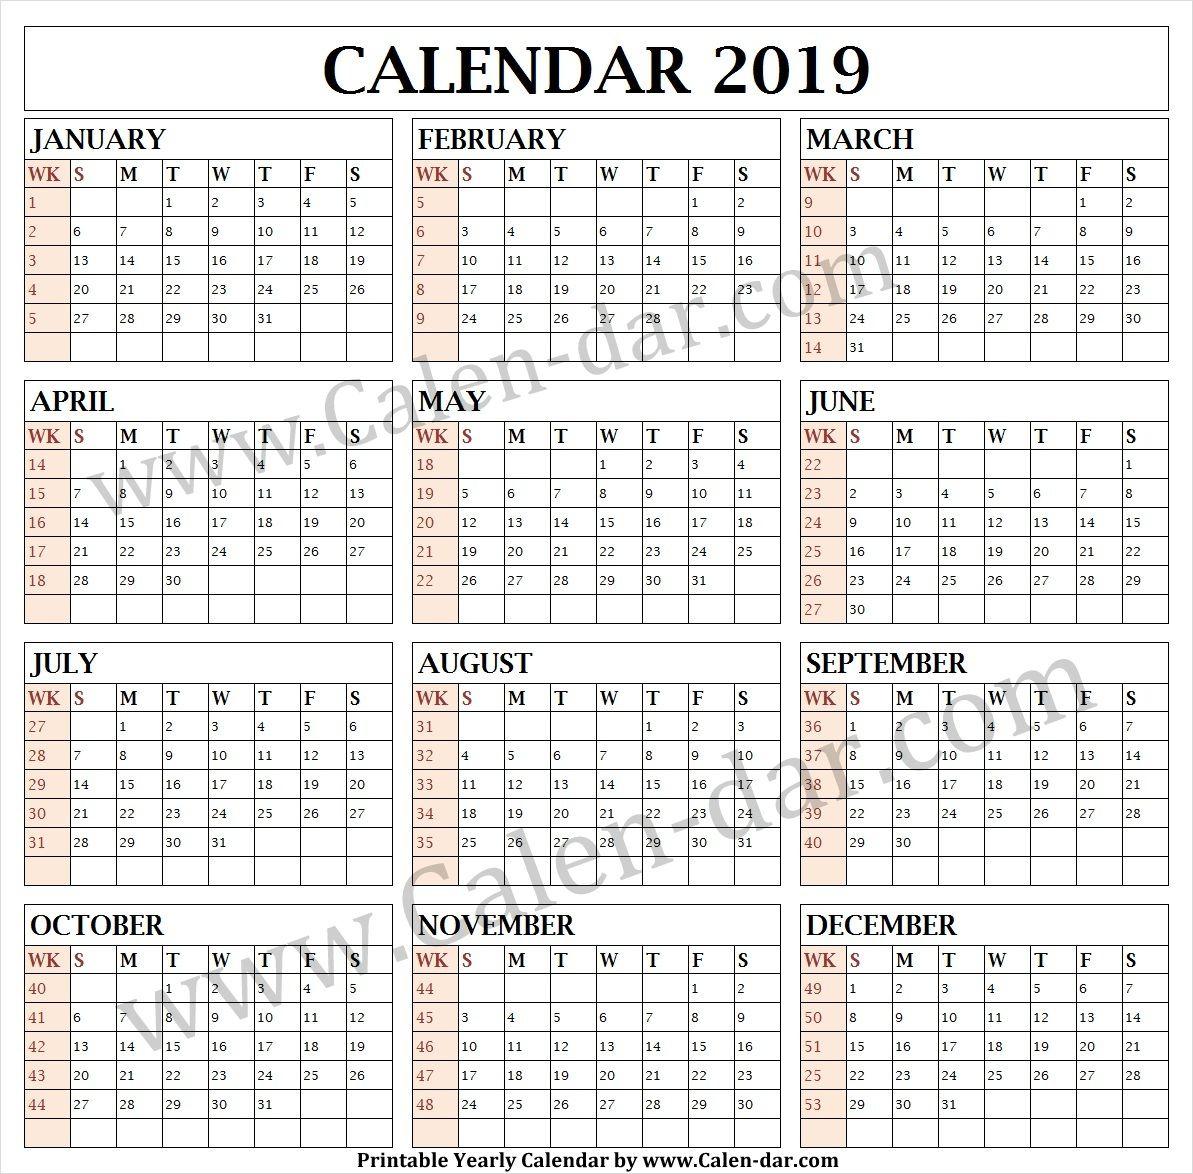 Calendar 2019 Week Wise | Calendar With Week Numbers, Print